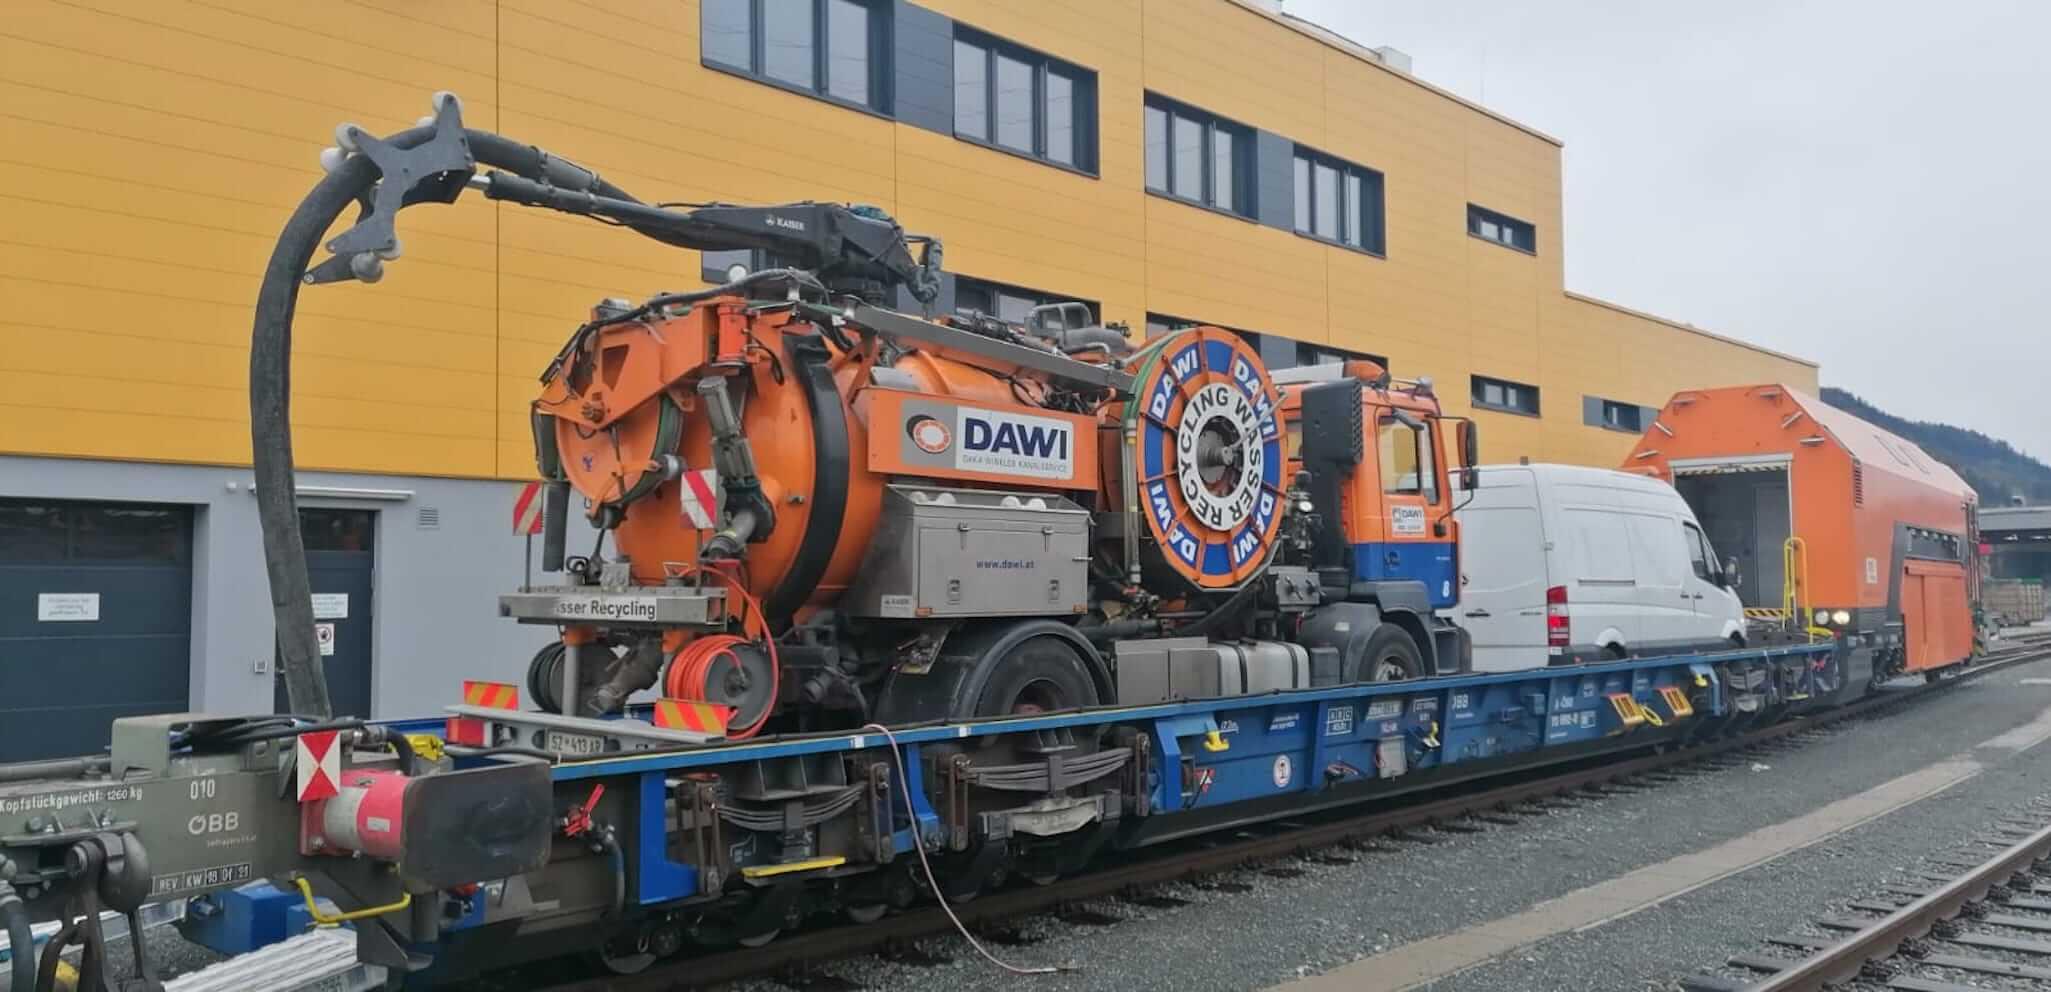 DAWI Spülfahrzeug auf dem Weg in den Eisenbahntunnel